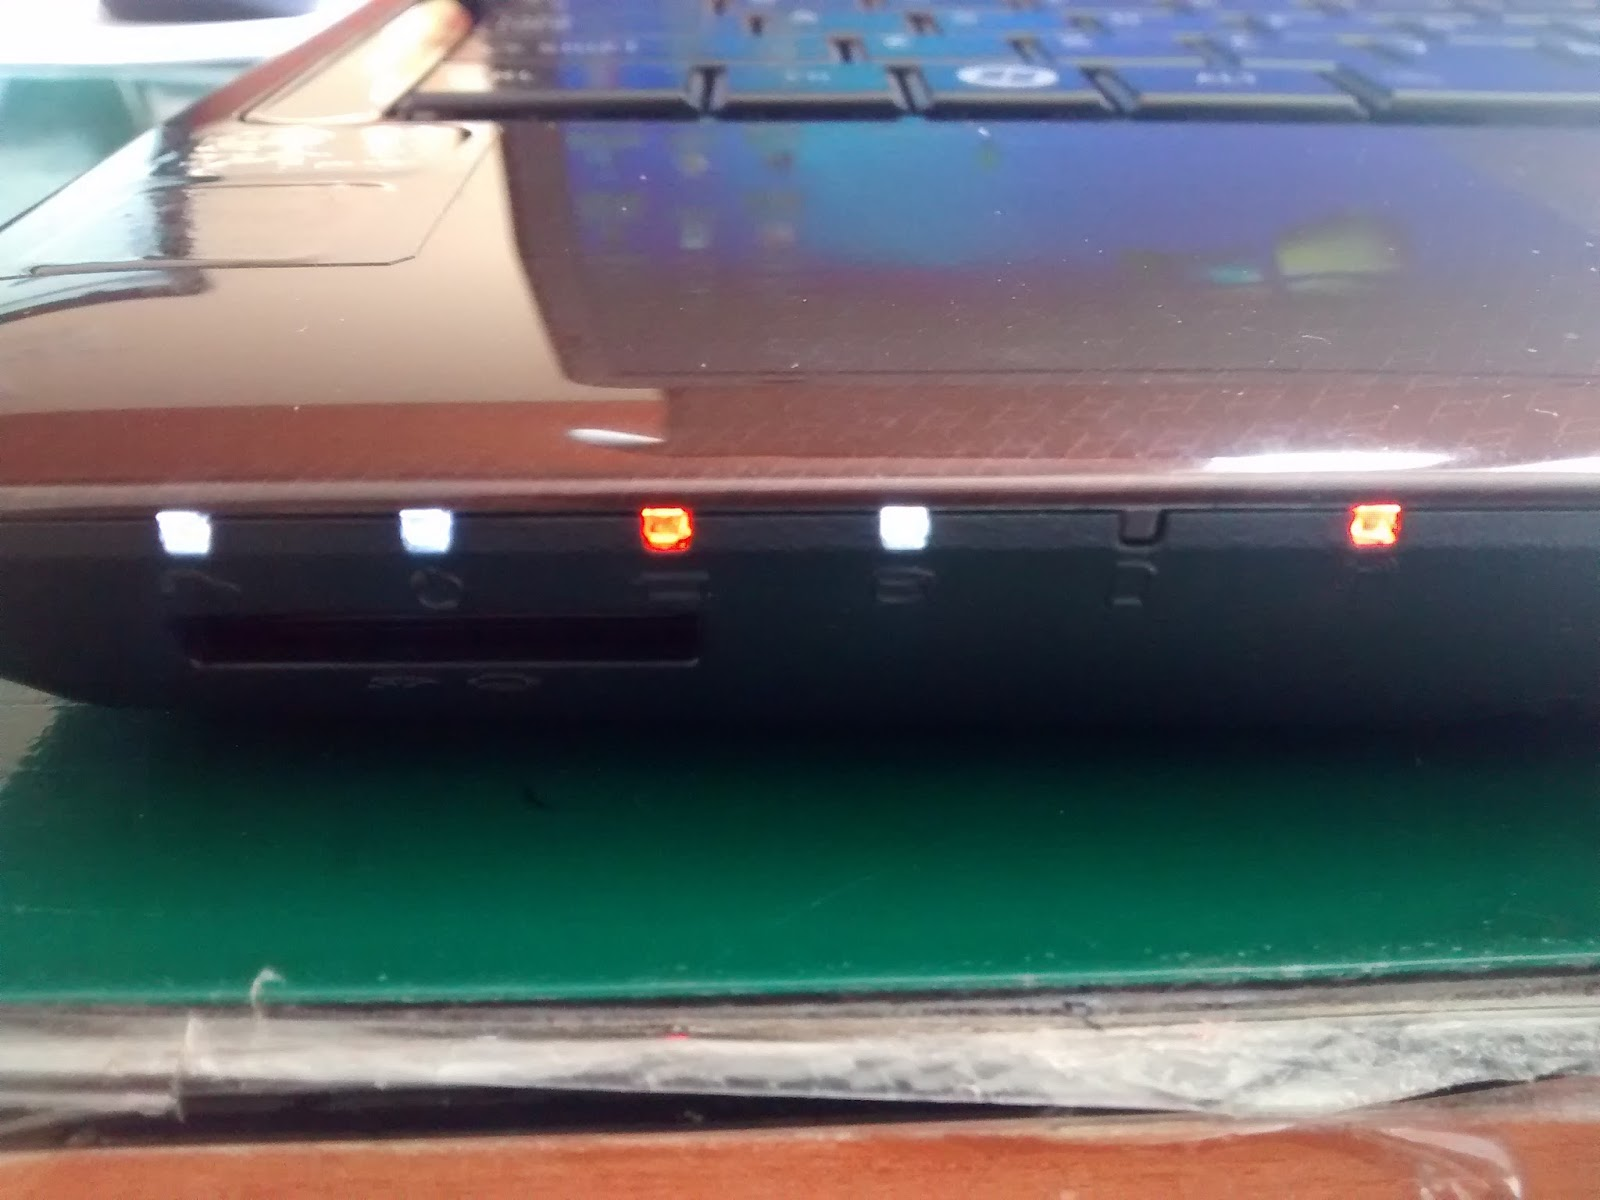 Lampu Indikator Atau Kipas Sudah Menyala Tapi Kok Tidak Ada Tampilan Apa Yang Rusak Service Laptop Jogja